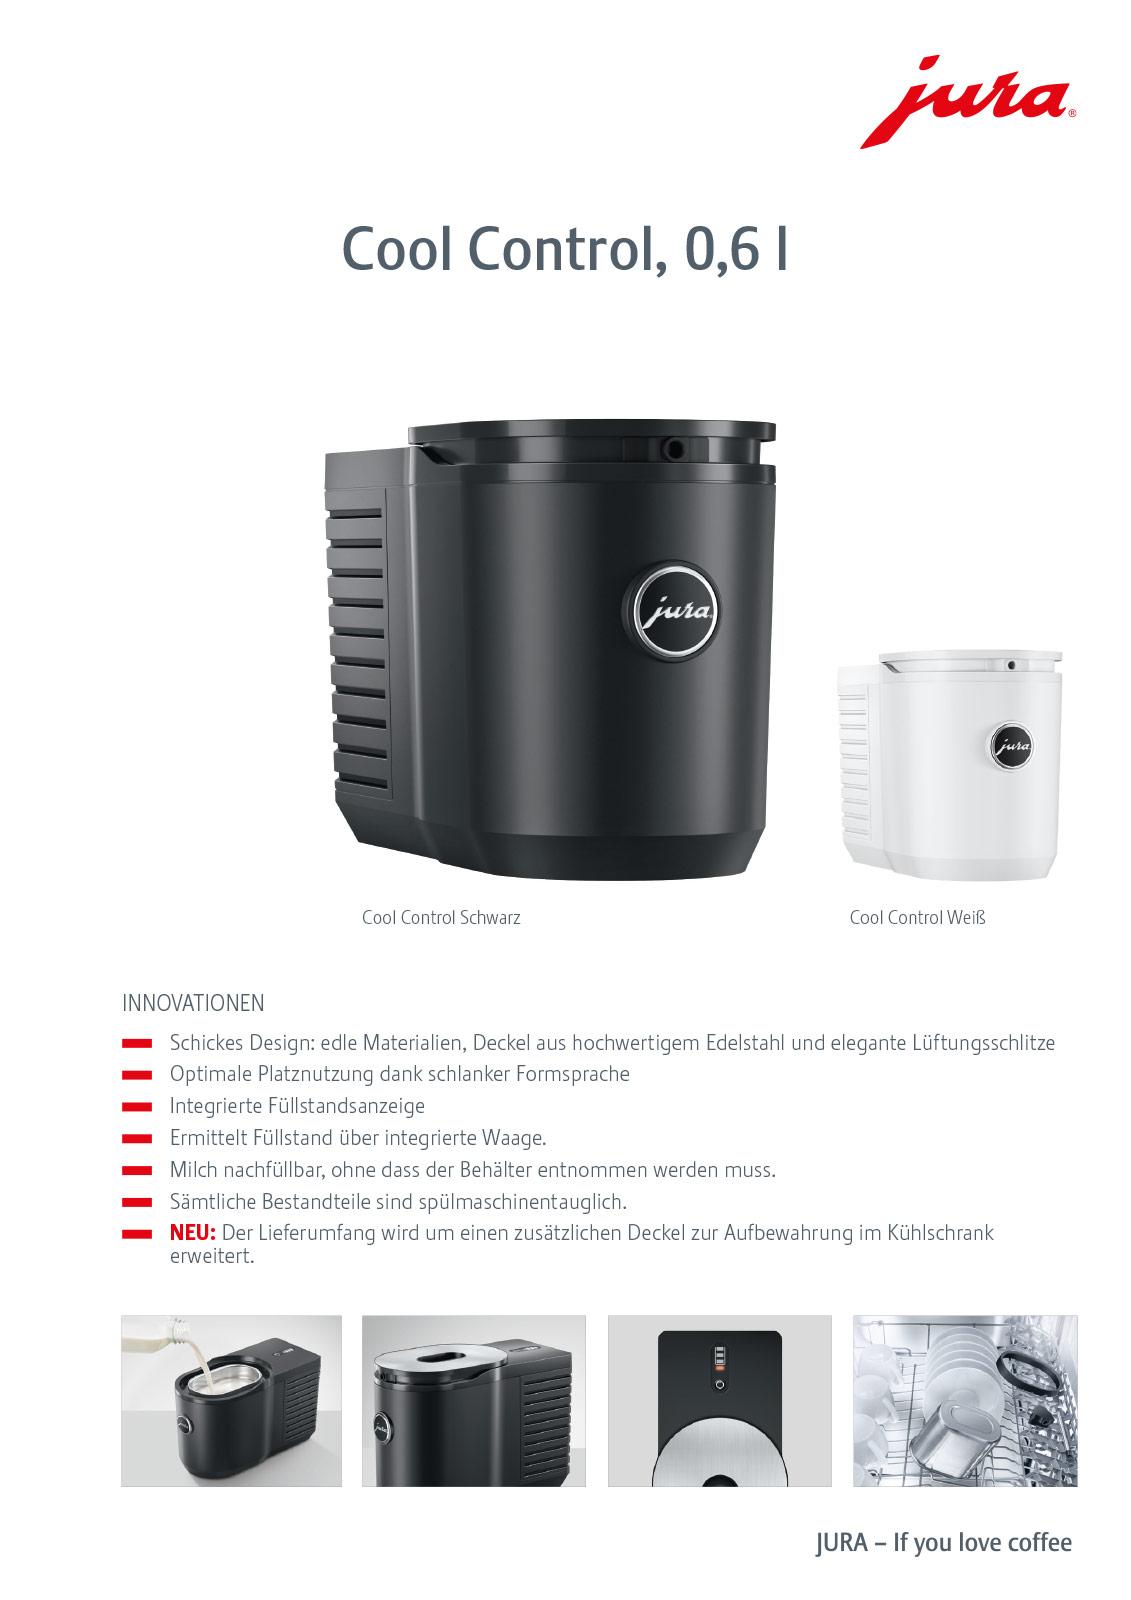 Jura CoolControl 0,6 l